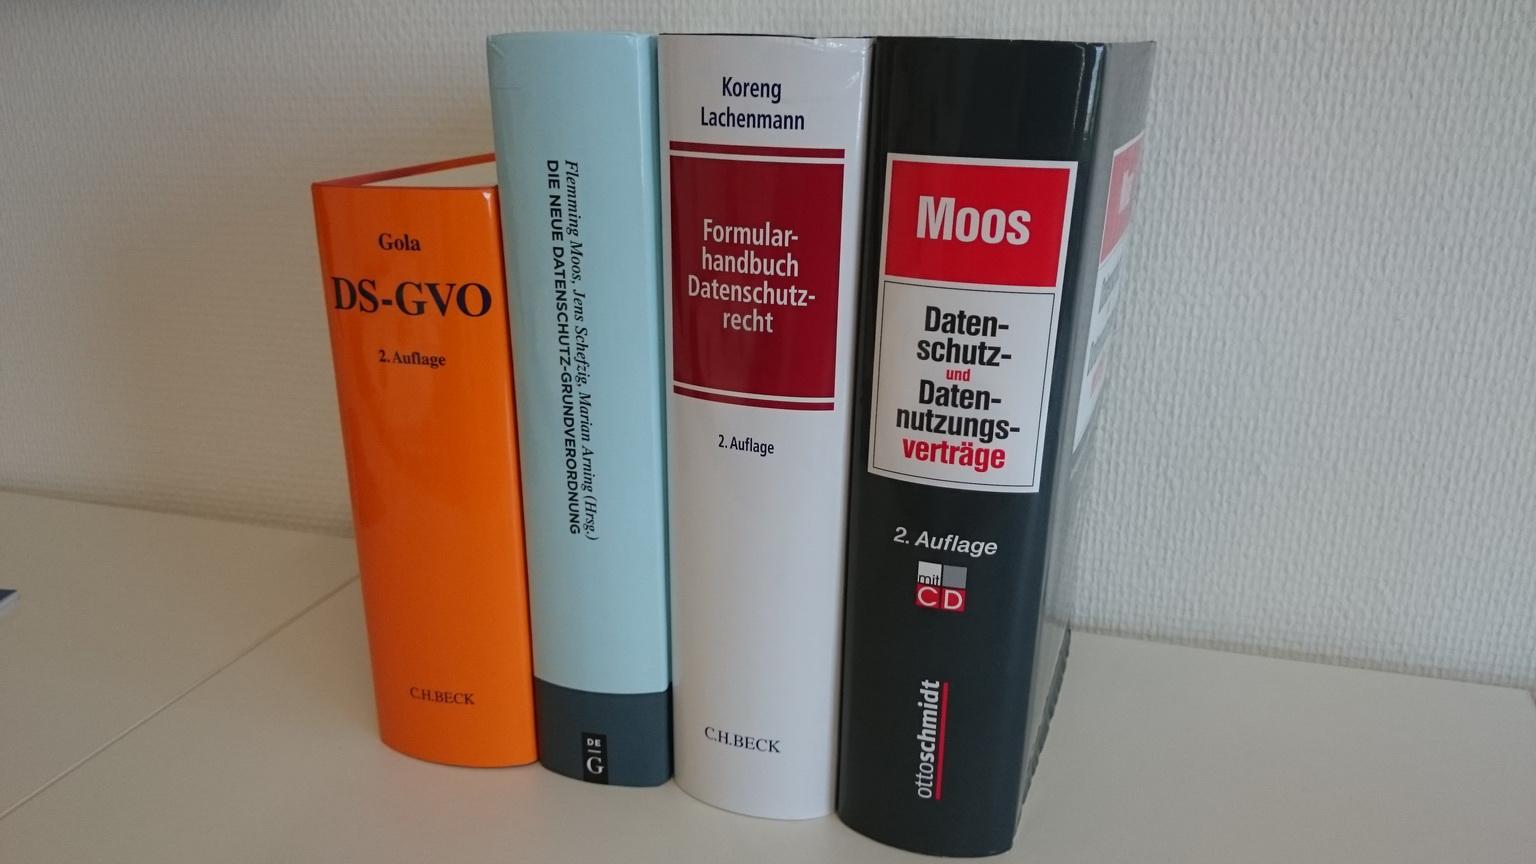 Externer Datenschutzbeauftragter Köln - Externer Datenschutzbeauftragter (TÜV) & Datenschutzauditor (TÜV), Datenschutz, Datenschutzbücher